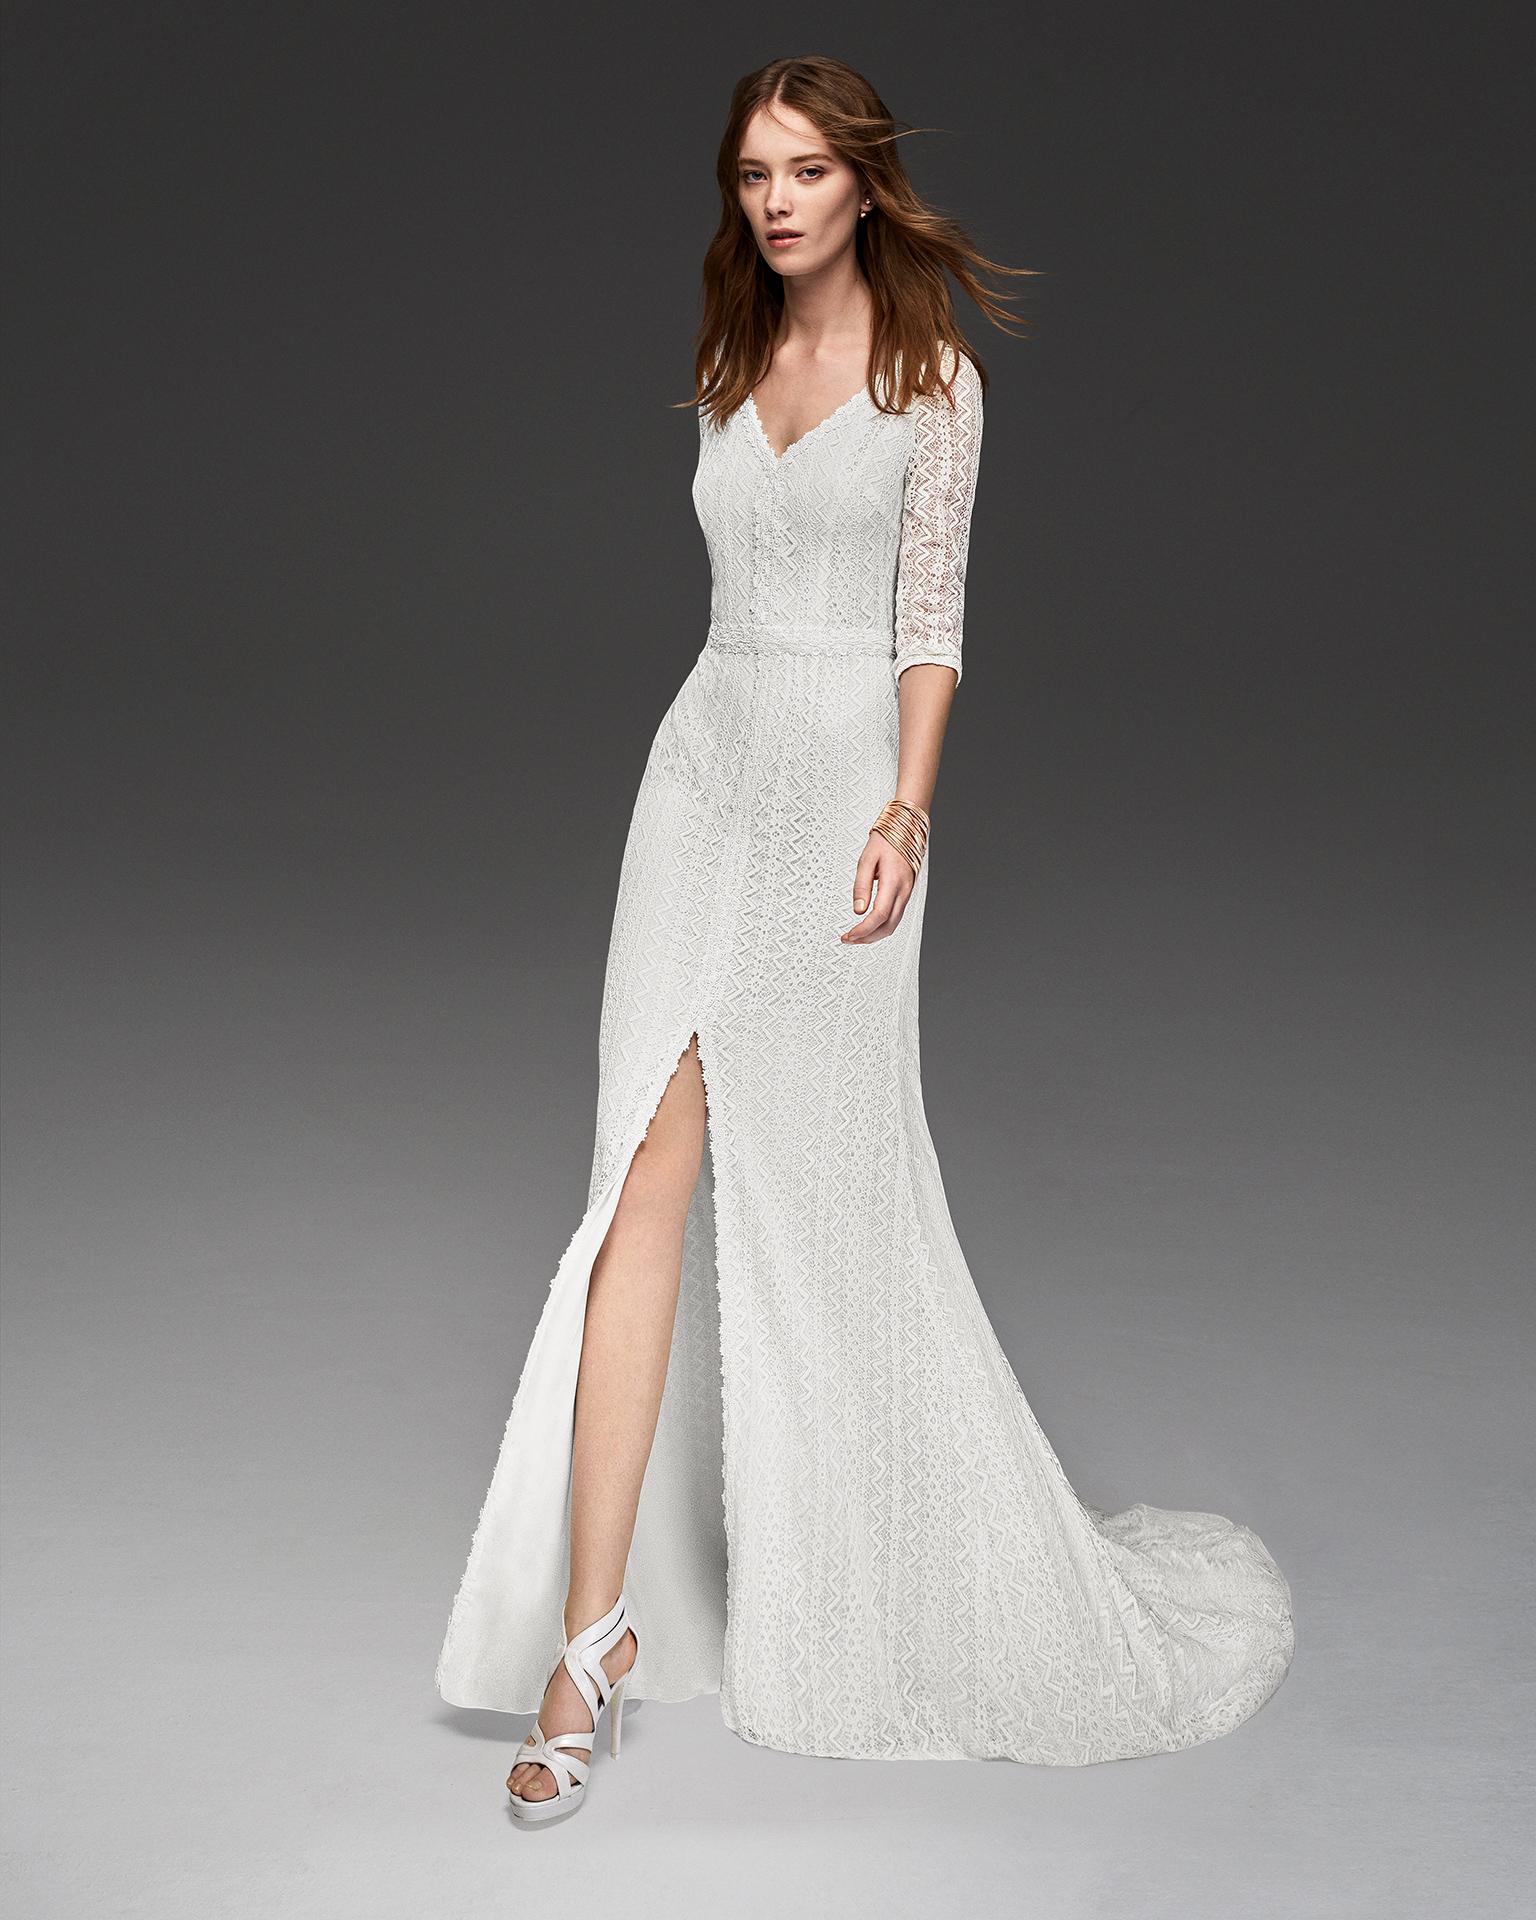 Vestido de novia estilo boho de encaje y pedreria de manga francesa con abertura delantera.